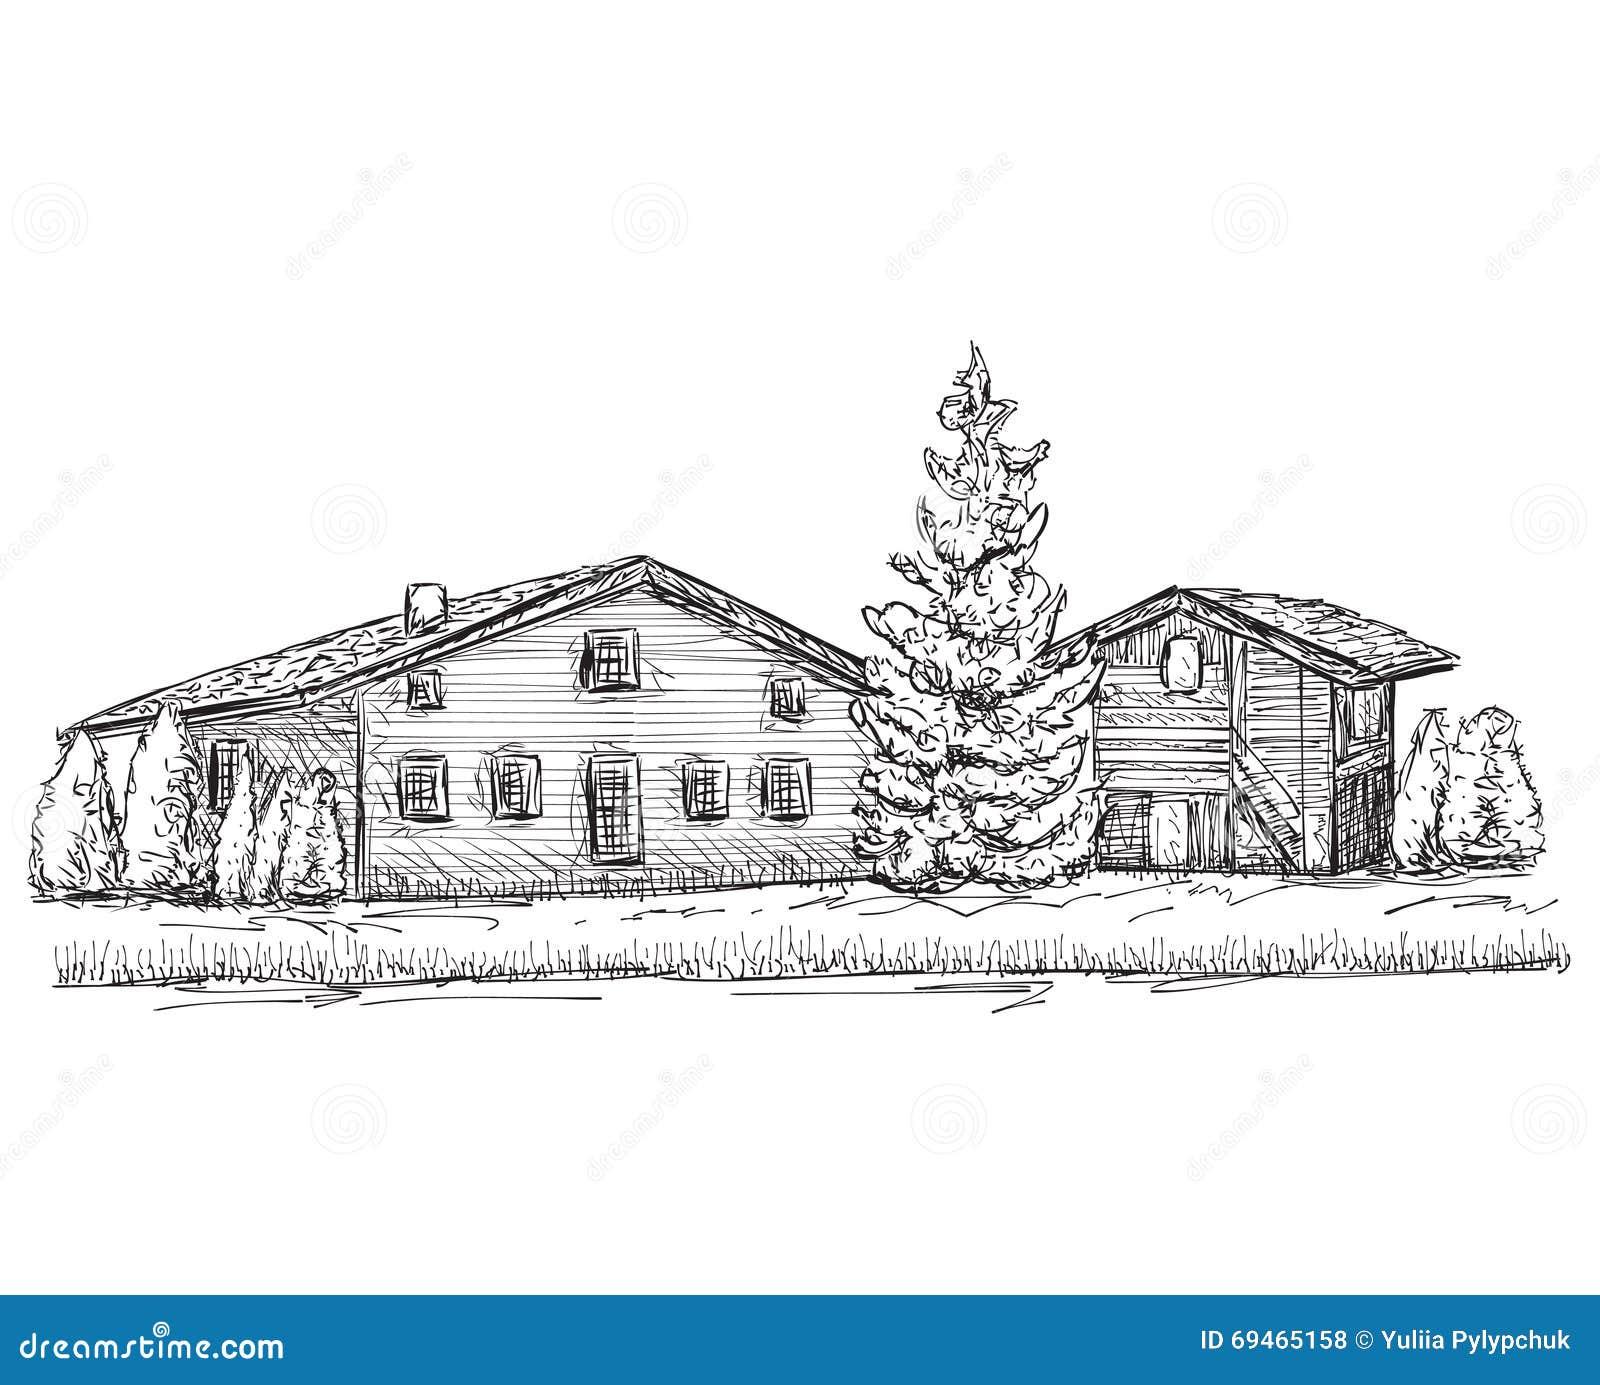 工程图 简笔画 平面图 手绘 线稿 1300_1142图片